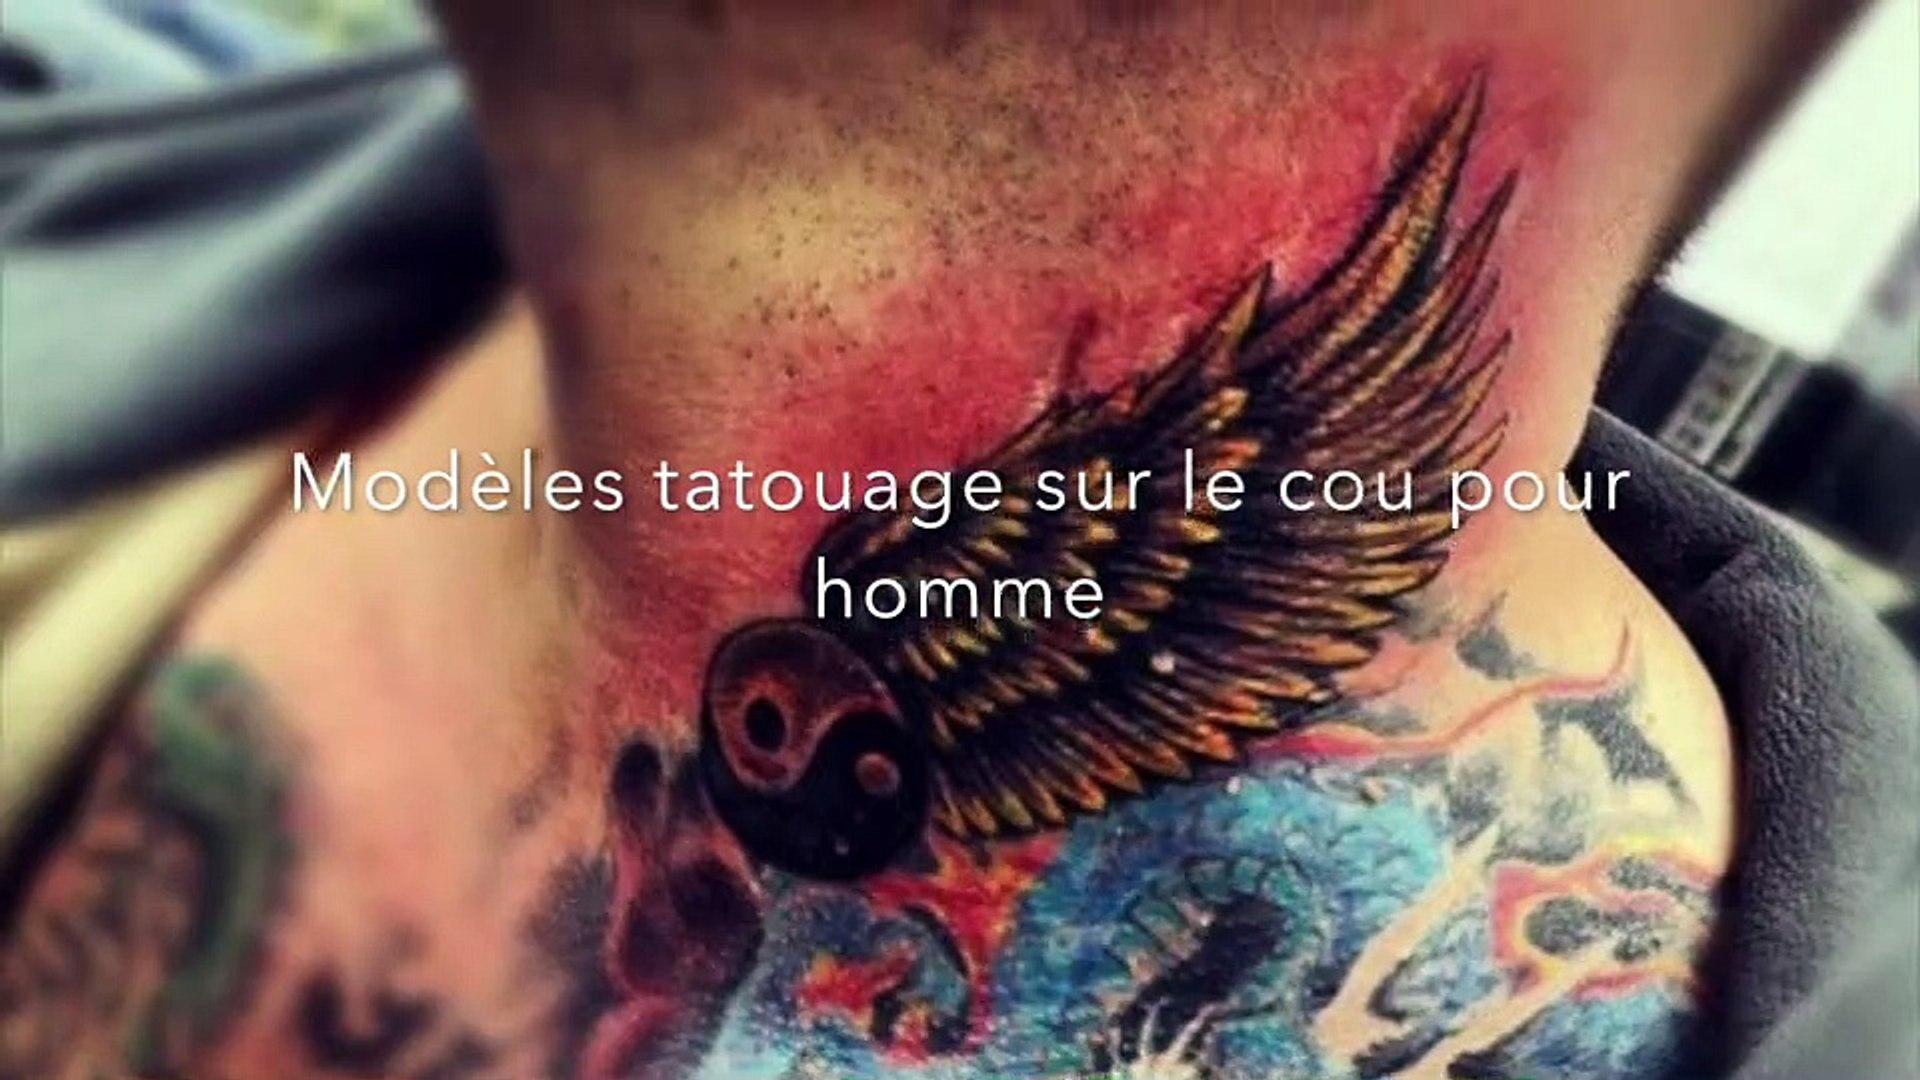 Modeles Tatouage Sur Le Cou Pour Homme Video Dailymotion